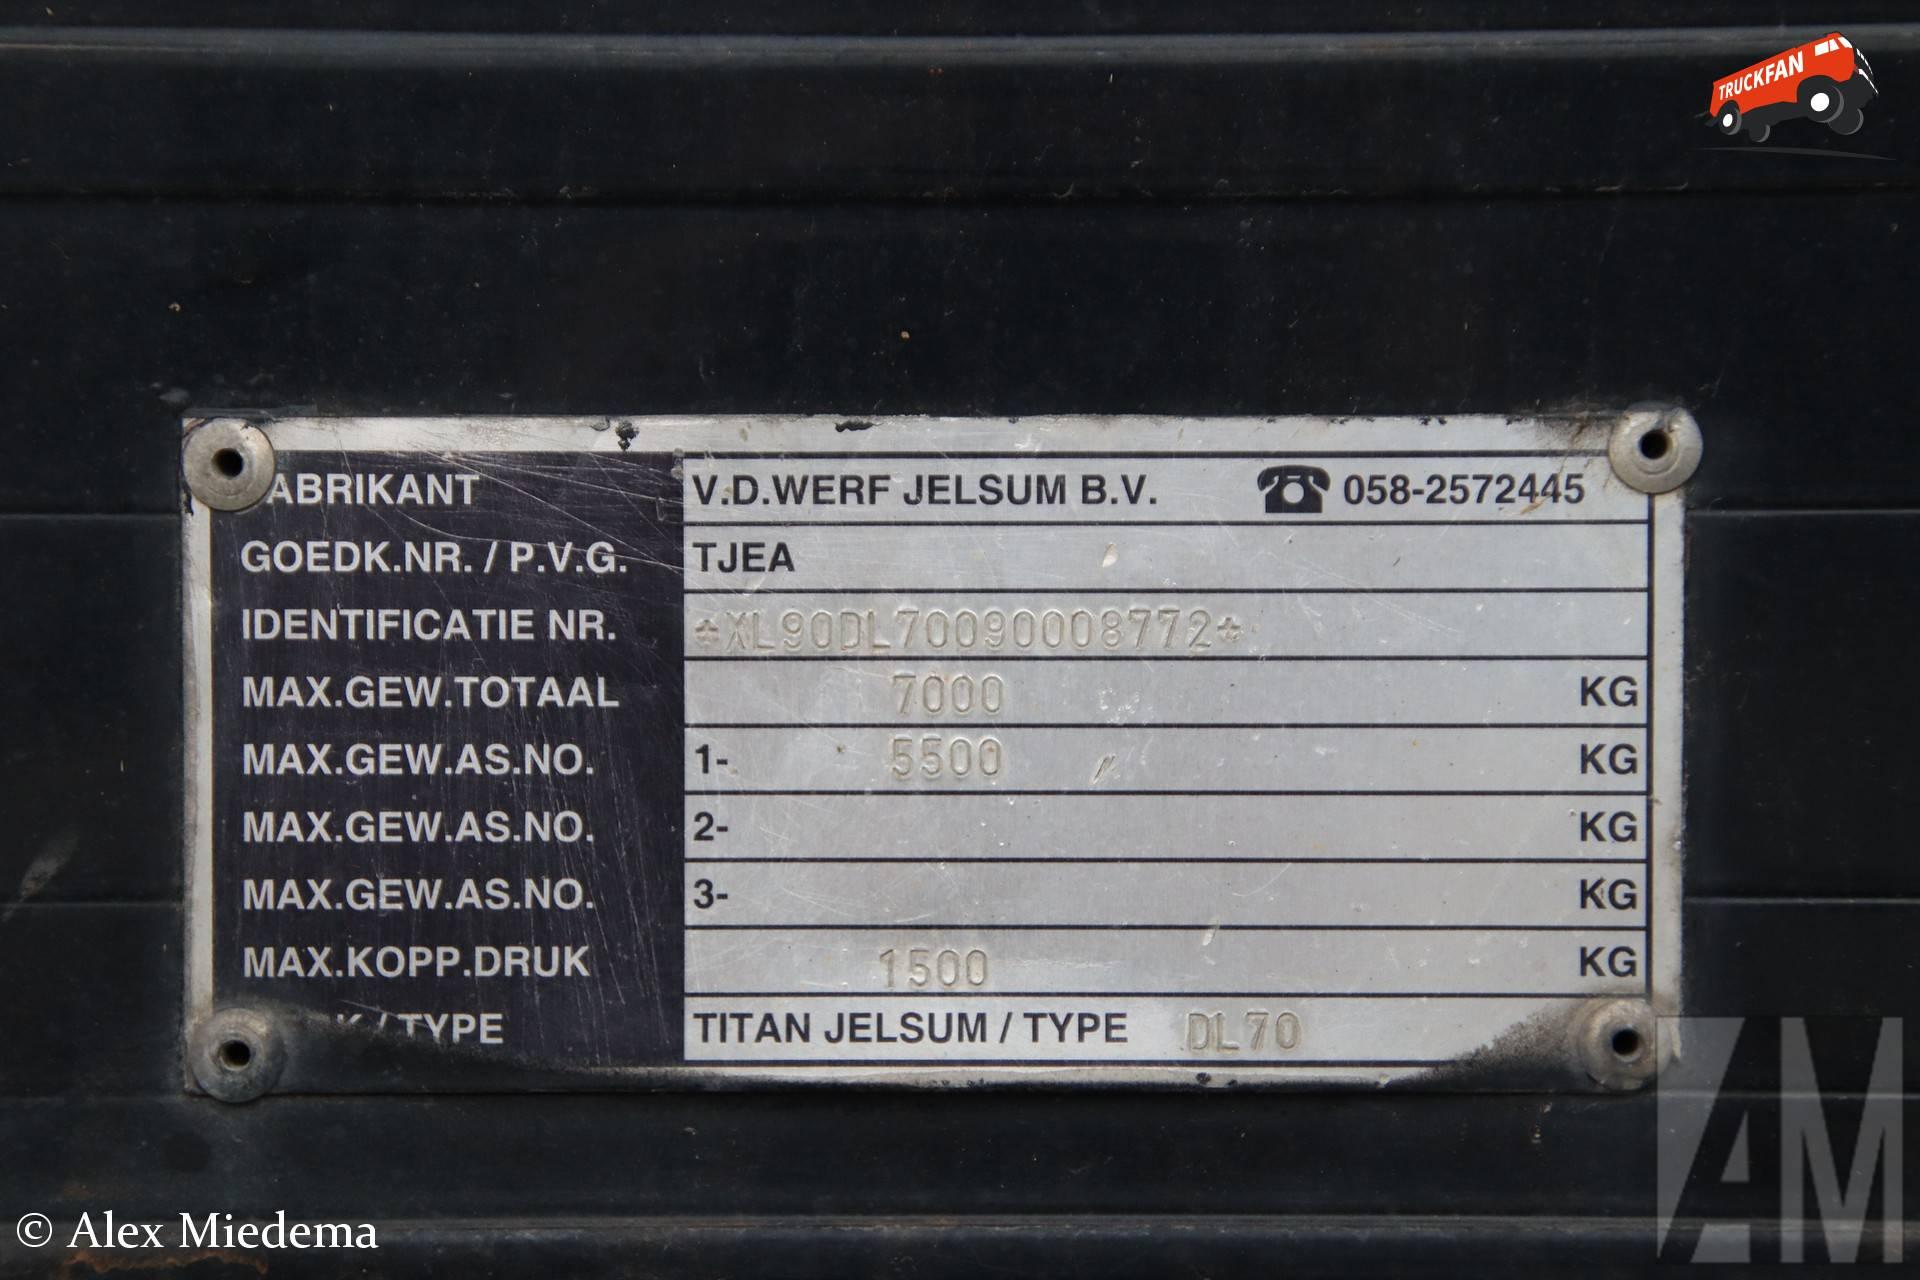 Titan Jelsum DL70